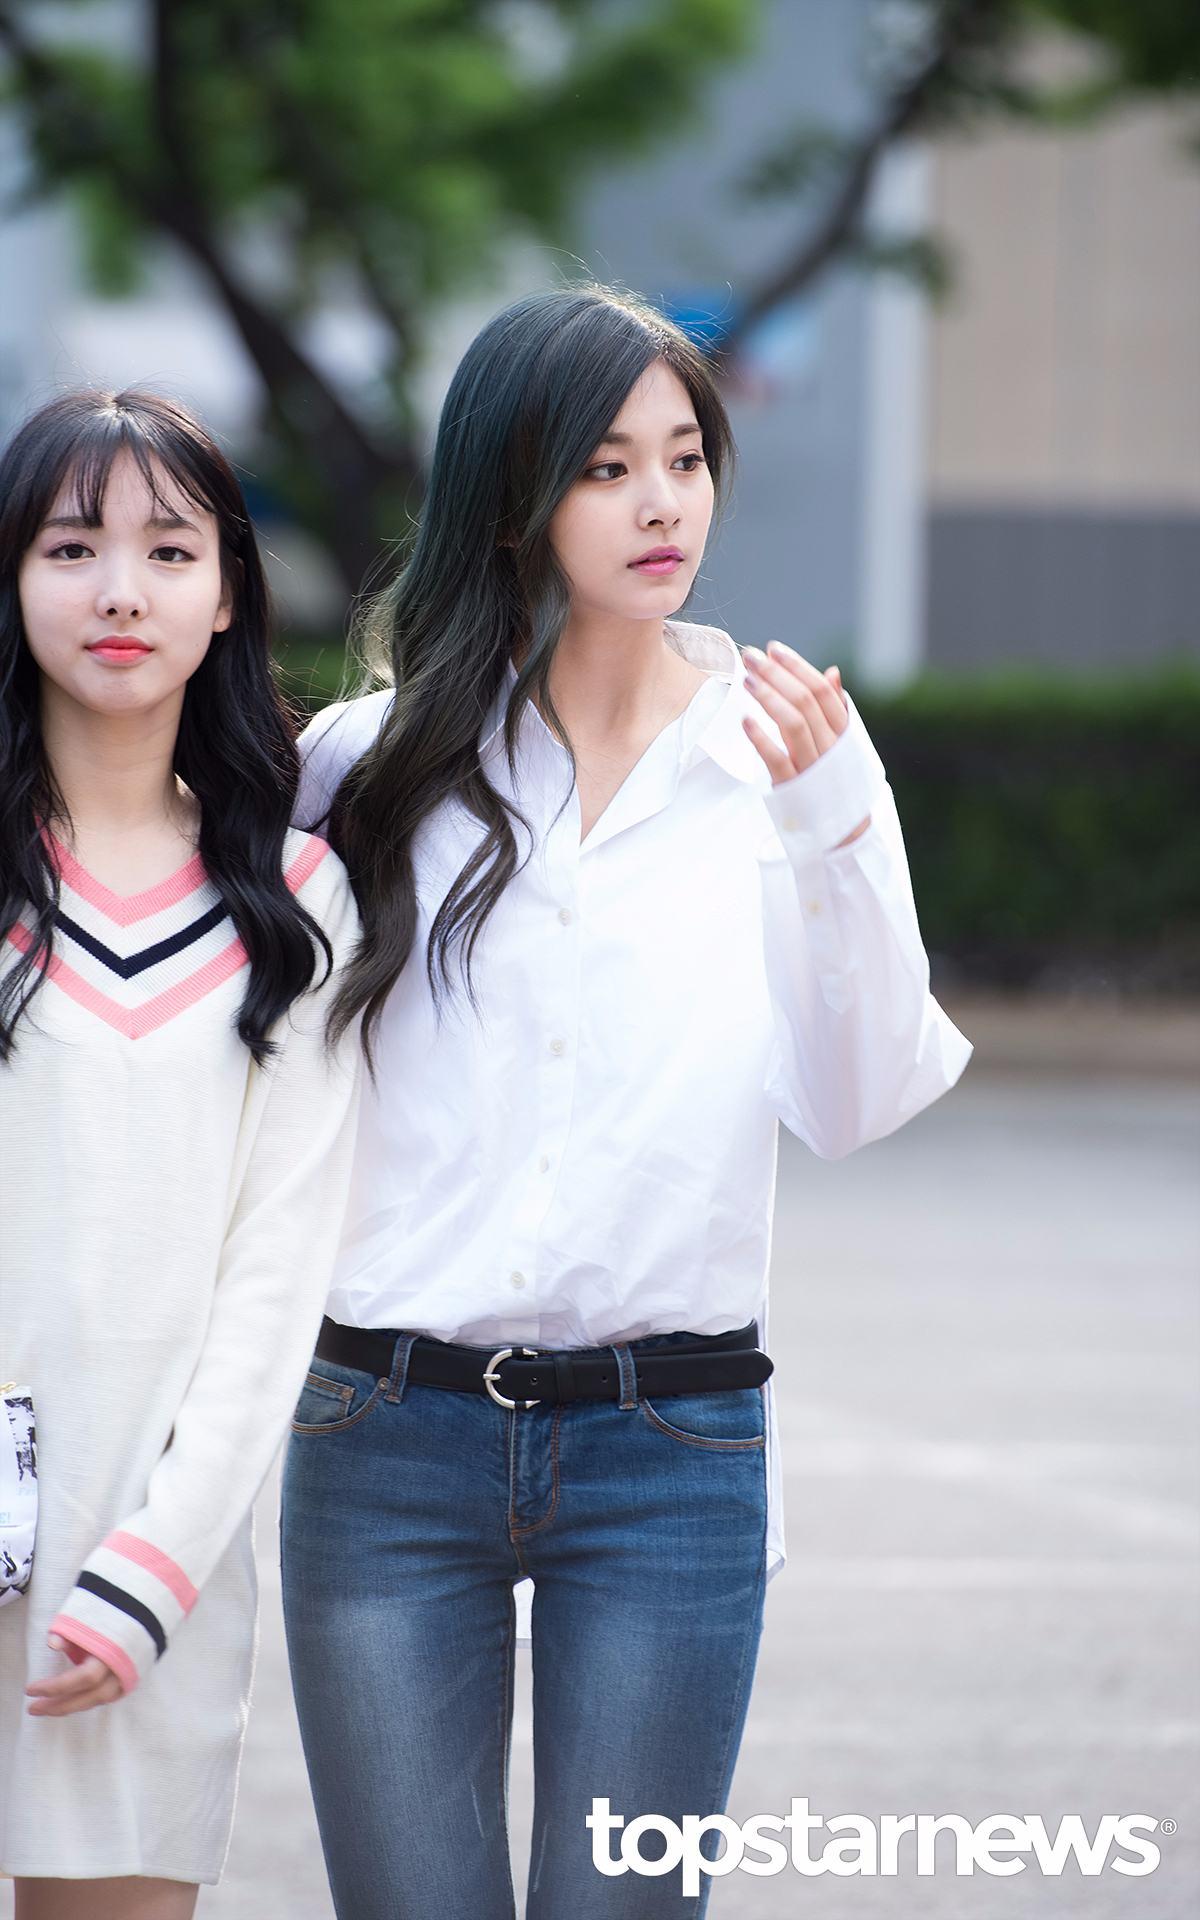 第一次擔任SBS人氣歌謠特別MC的兩個人究竟會有哪些可愛的表現呢~~~?(好期待)